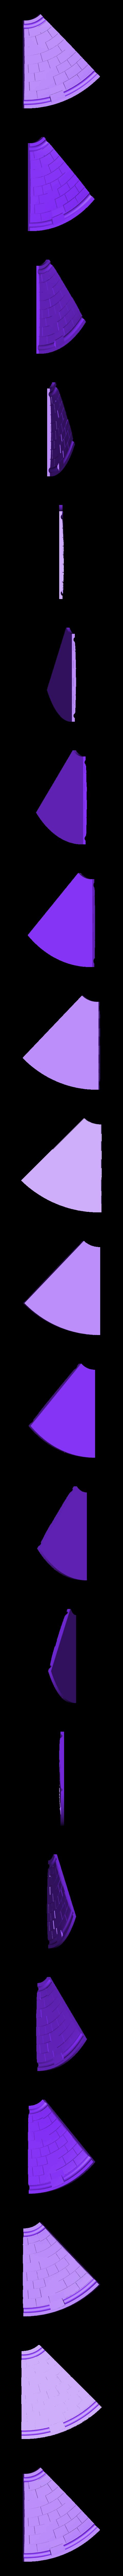 a_o_45b_1.stl Télécharger fichier STL gratuit ROUTE - Ancien et neuf - Partie A • Design pour impression 3D, Earsling